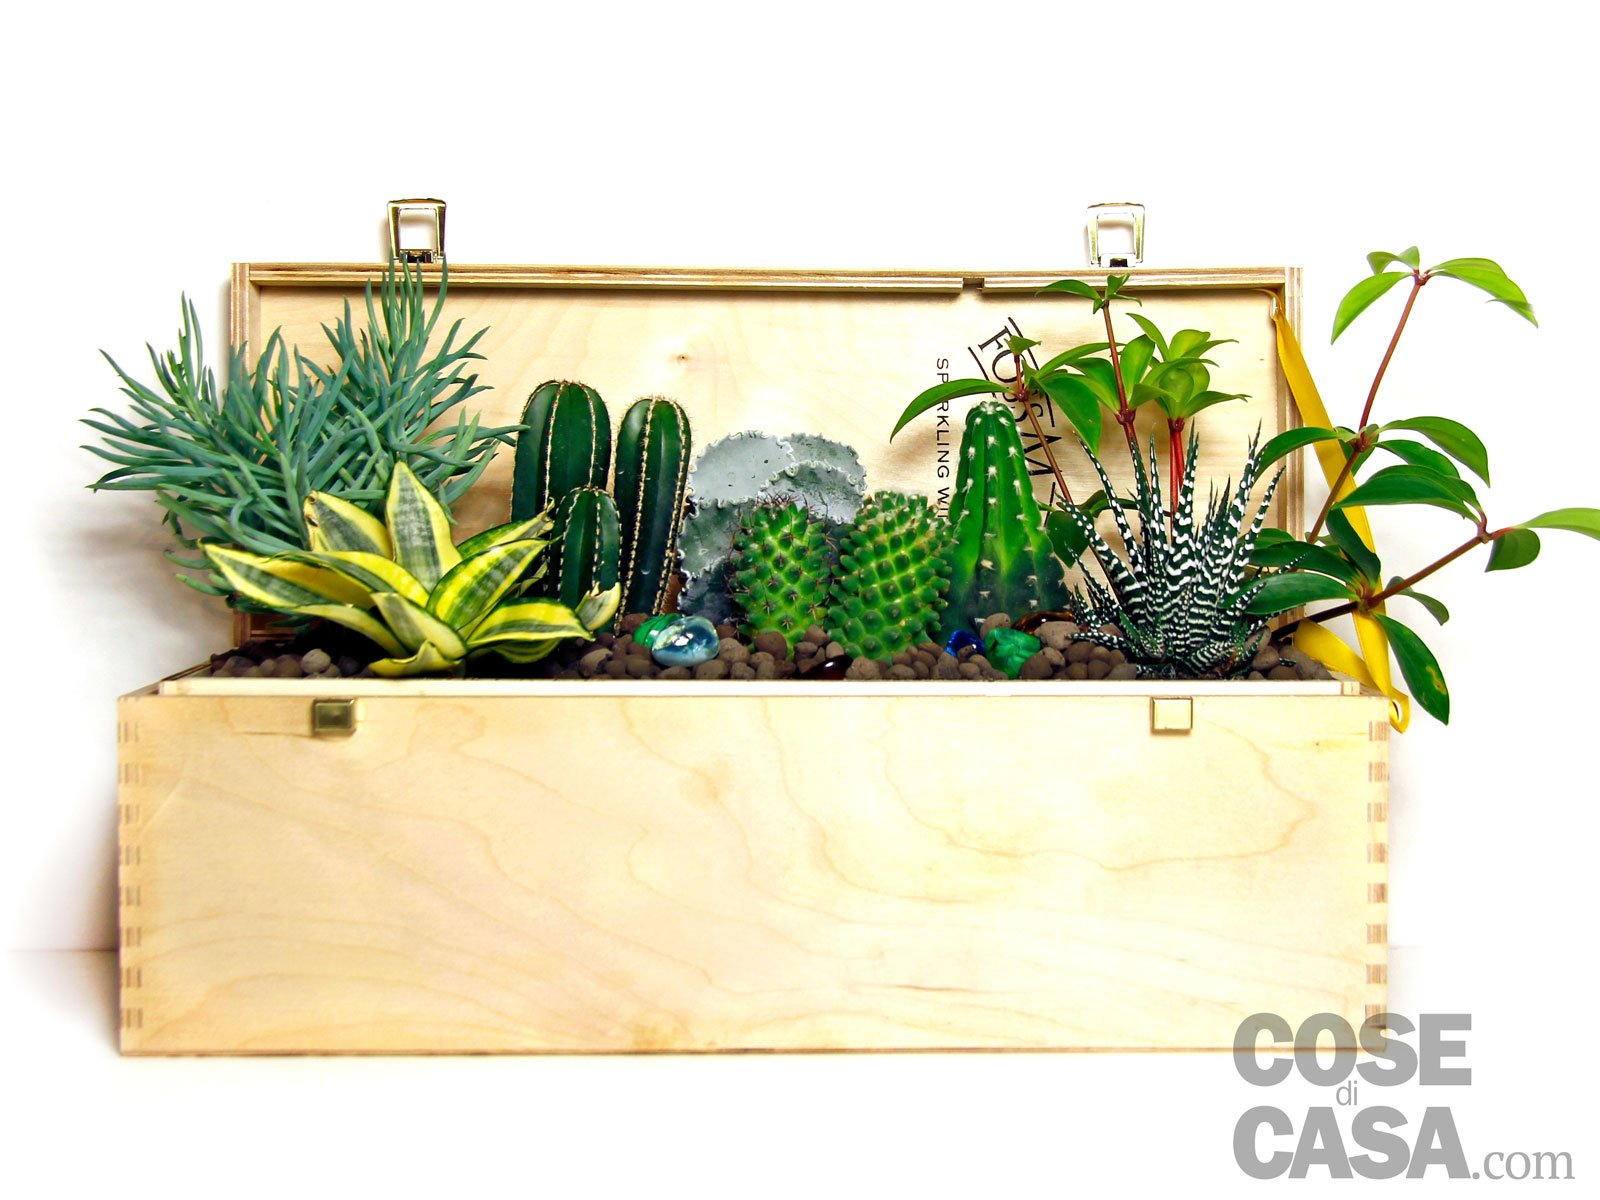 Piante grasse una composizione facile cose di casa - Composizione piante grasse giardino ...